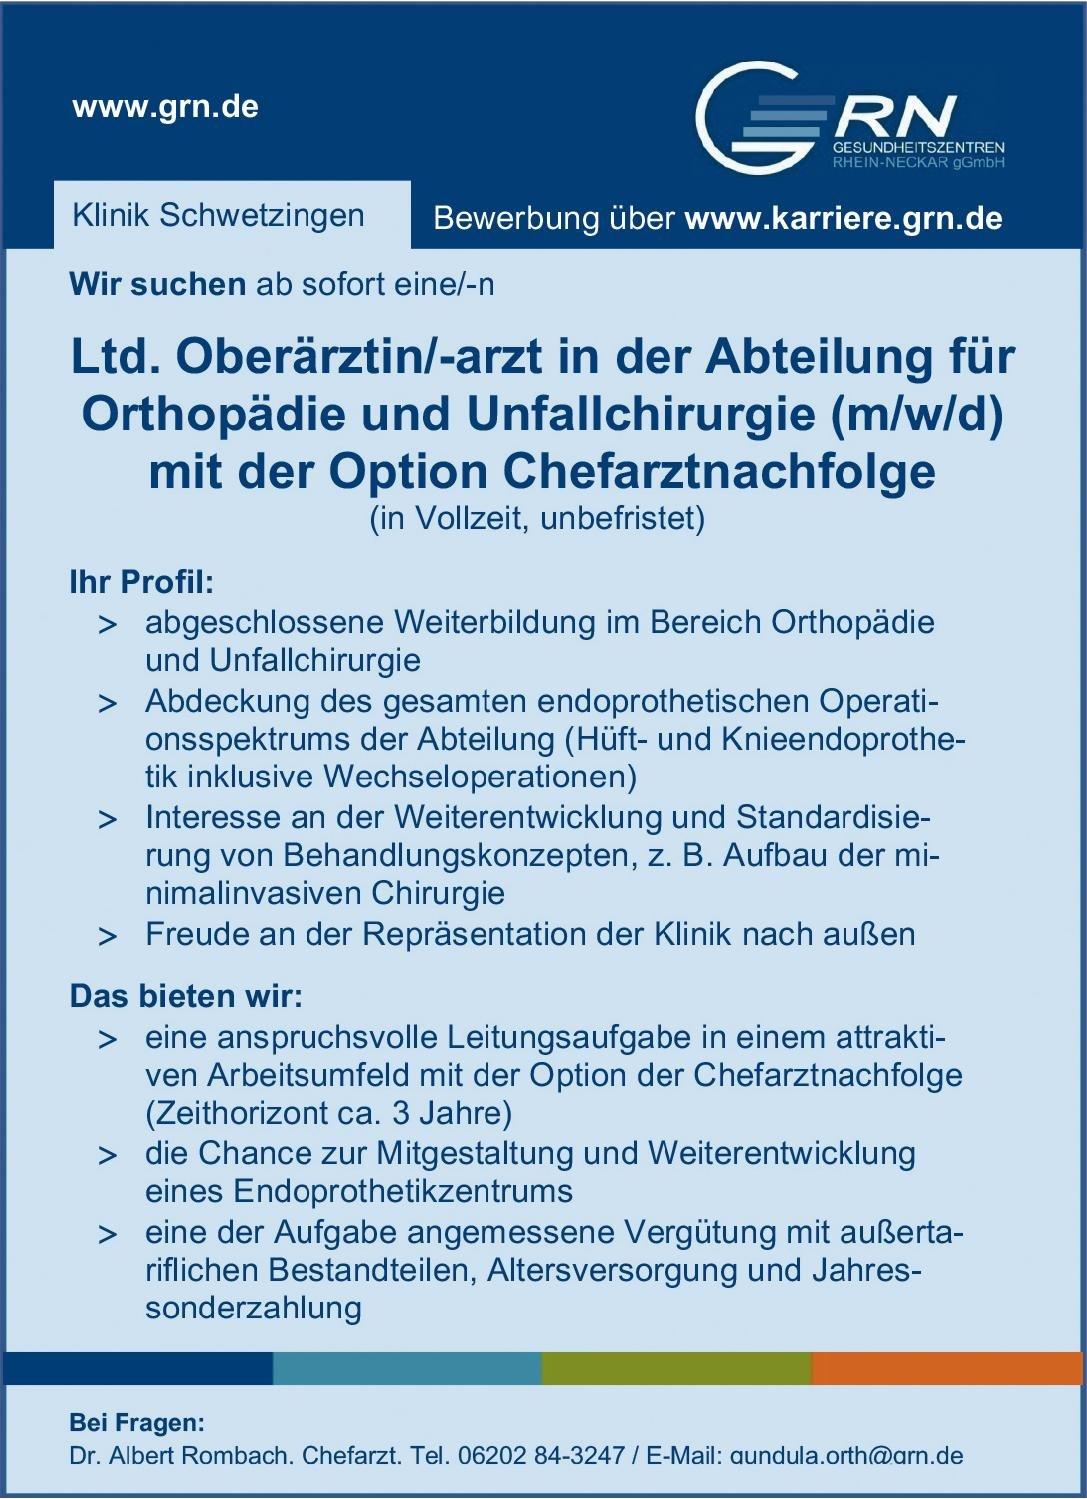 GRN Gesundheitszentren Rhein-Neckar- Klinik Schwetzingen Ltd. Oberärztin/-arzt in der Abteilung für Orthopädie und Unfallchirurgie (m/w/d) mit der Option Chefarztnach-folge  Orthopädie und Unfallchirurgie, Chirurgie Oberarzt